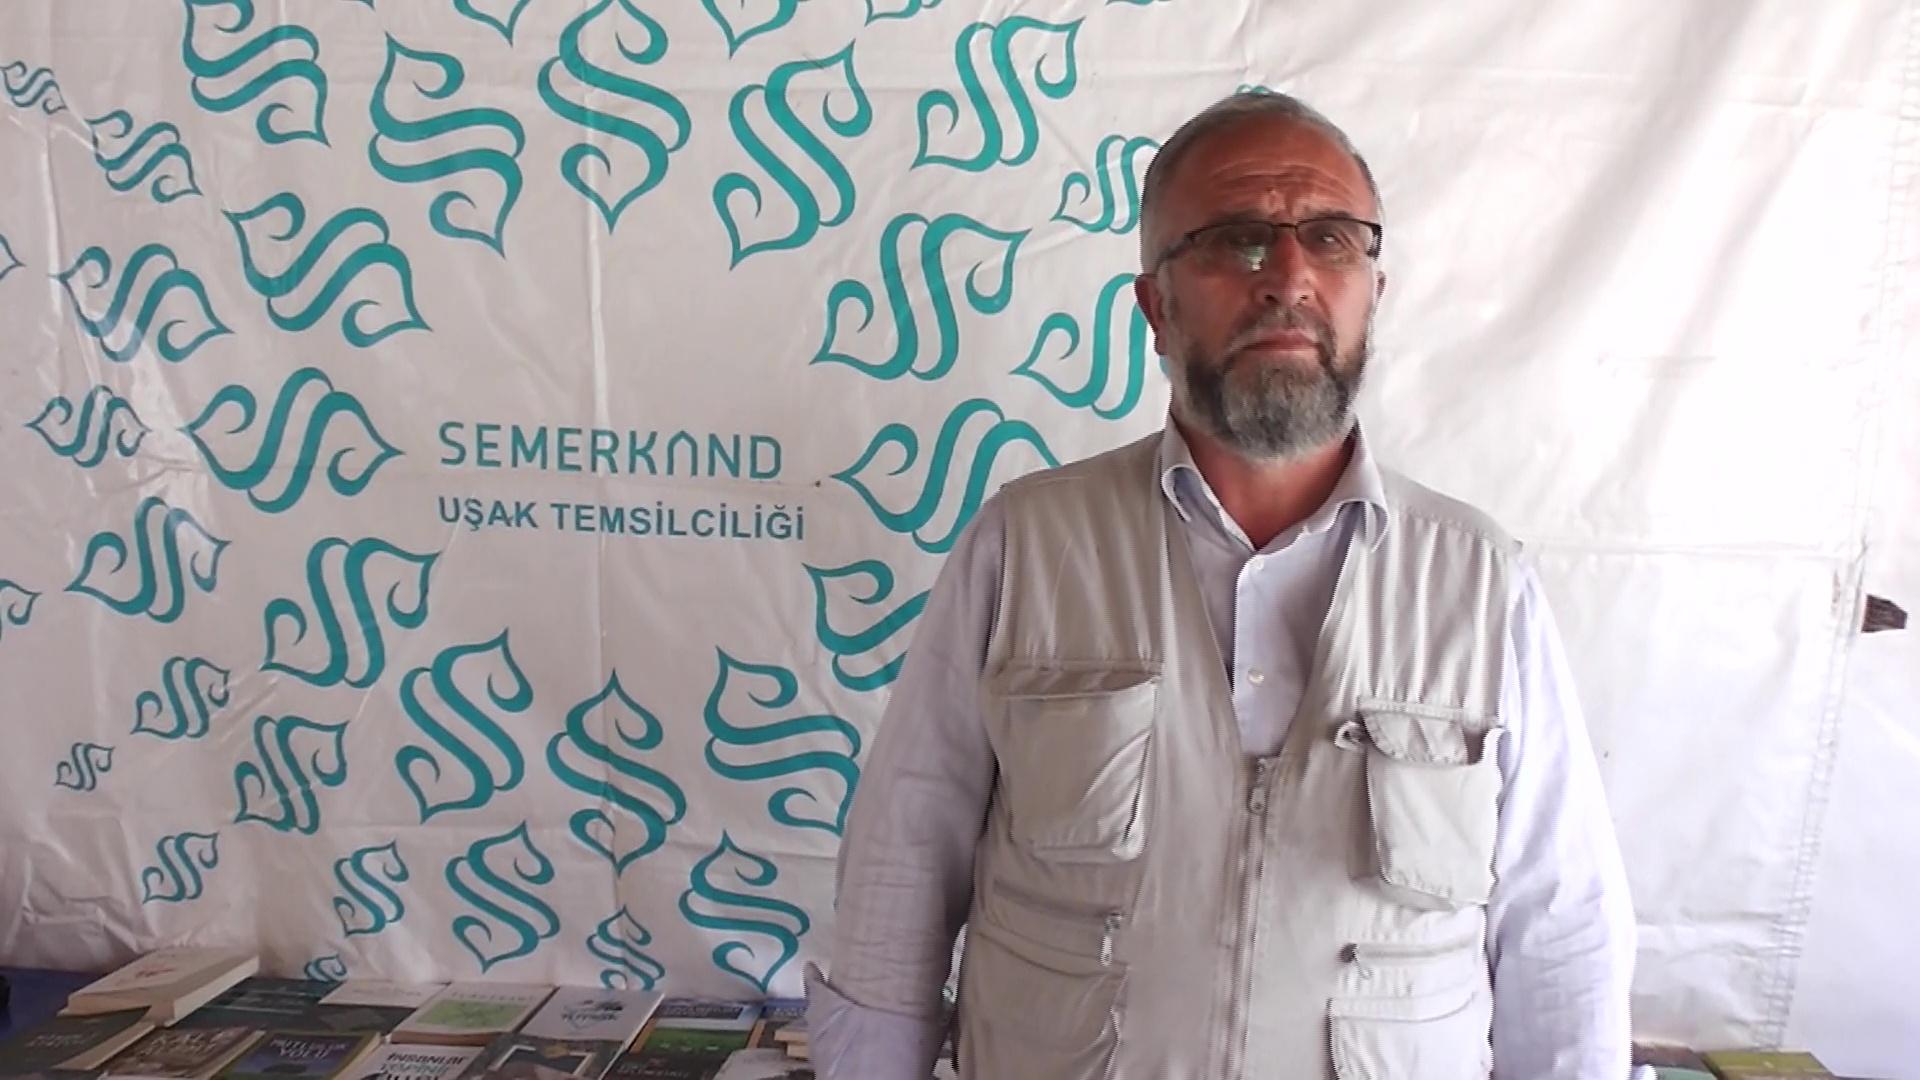 Semerkant Uşak il kermes sorumlusu Mehmet Dağıstanlı düzenlenen kermes hakkında bilgiler verdi